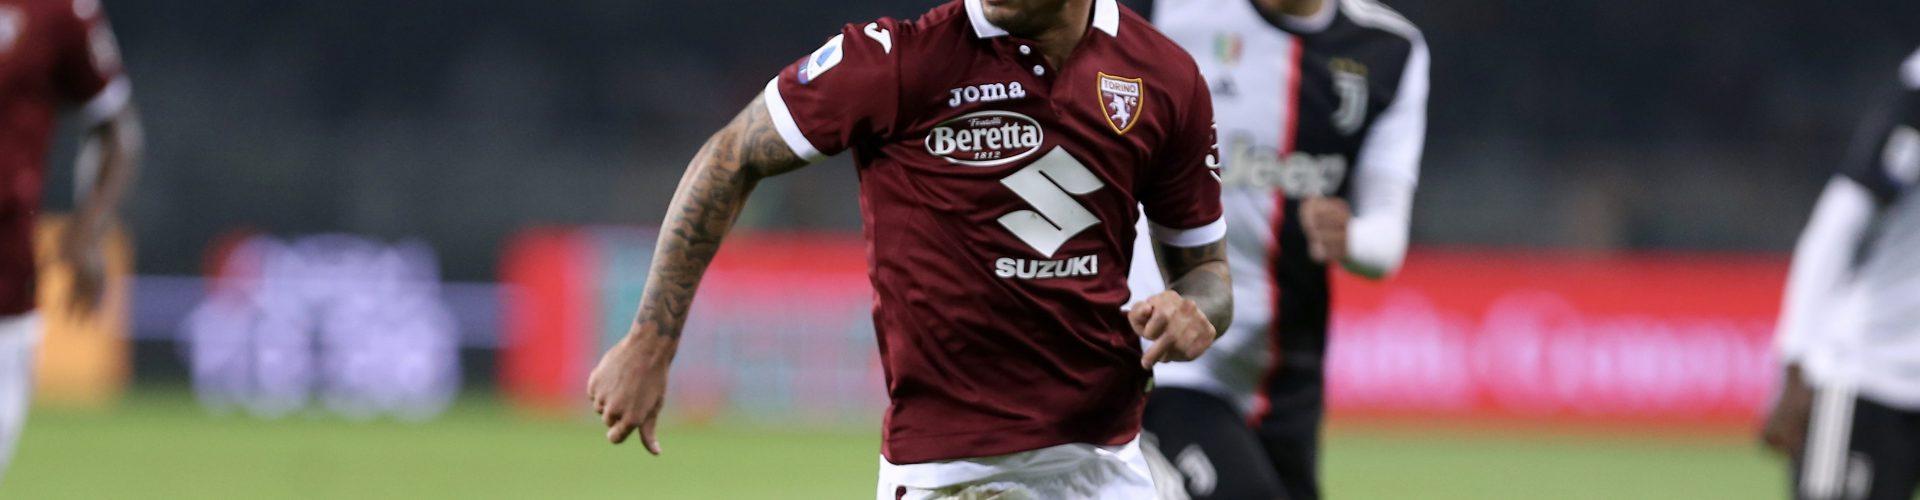 Torino, fissato il prezzo per Izzo: l'Inter è avvertita